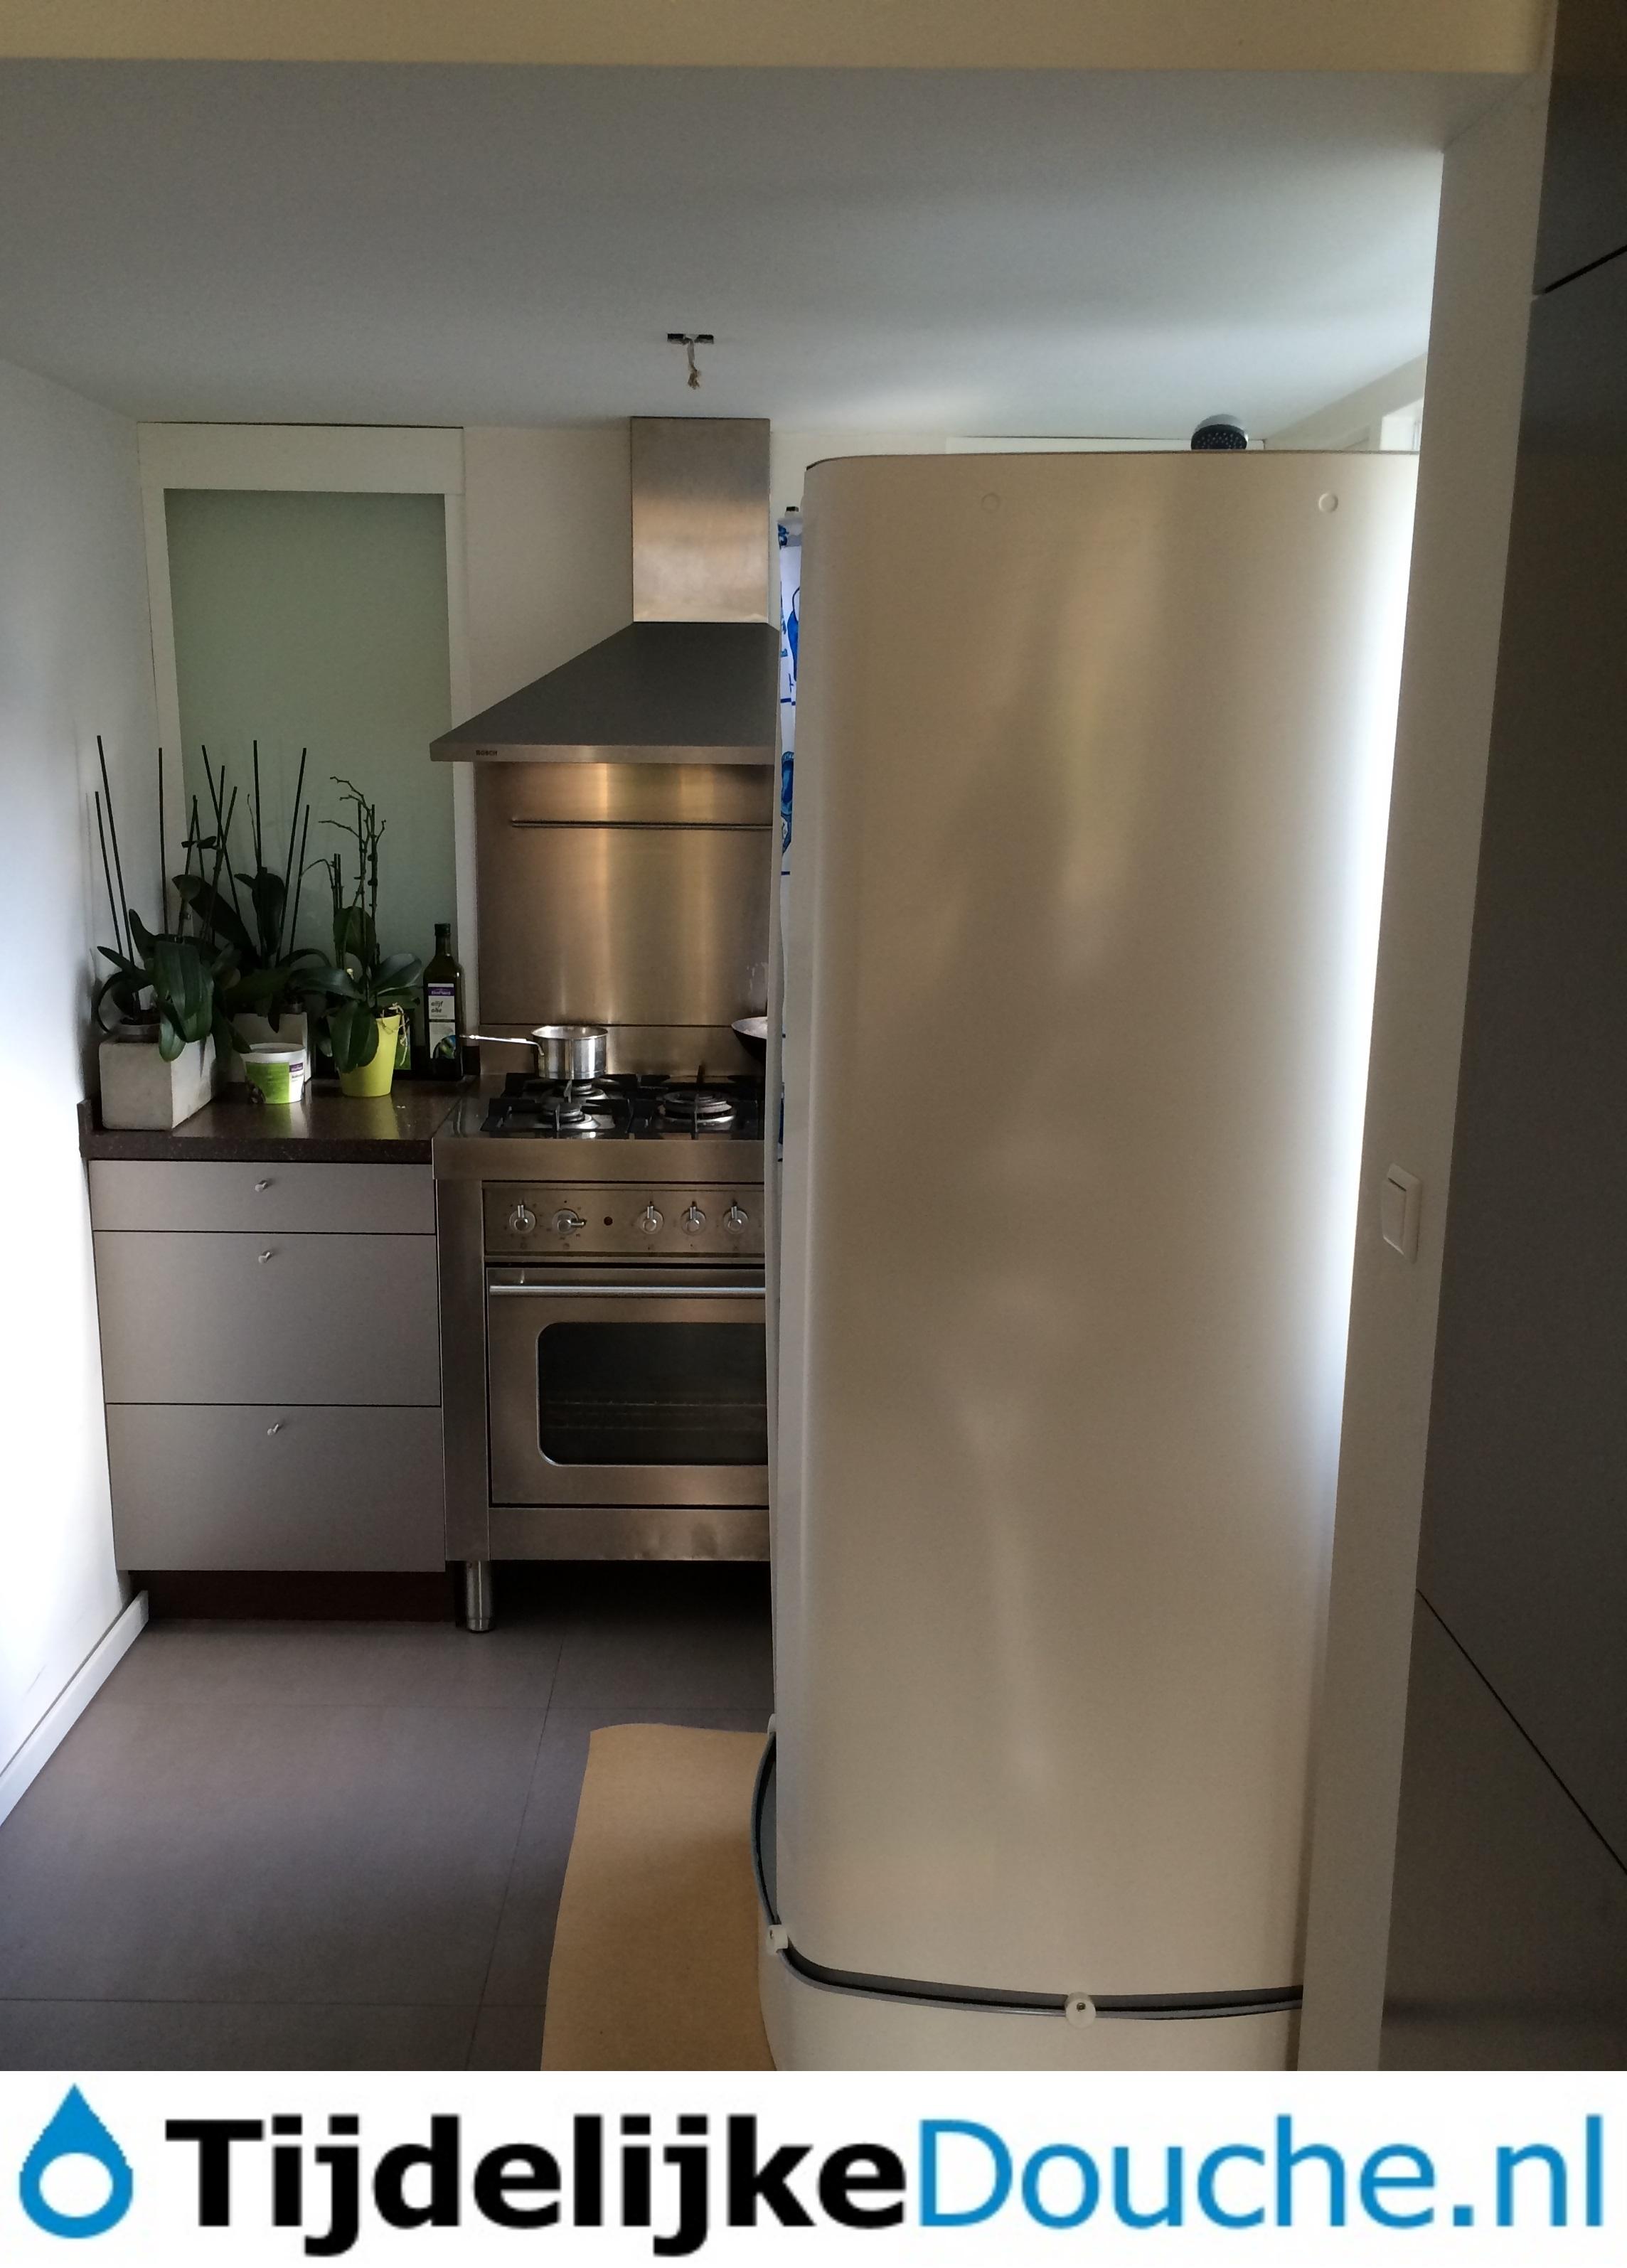 Geliefde Huur van een mobiele douche in de keuken - Tijdelijkedouche.nl OL78